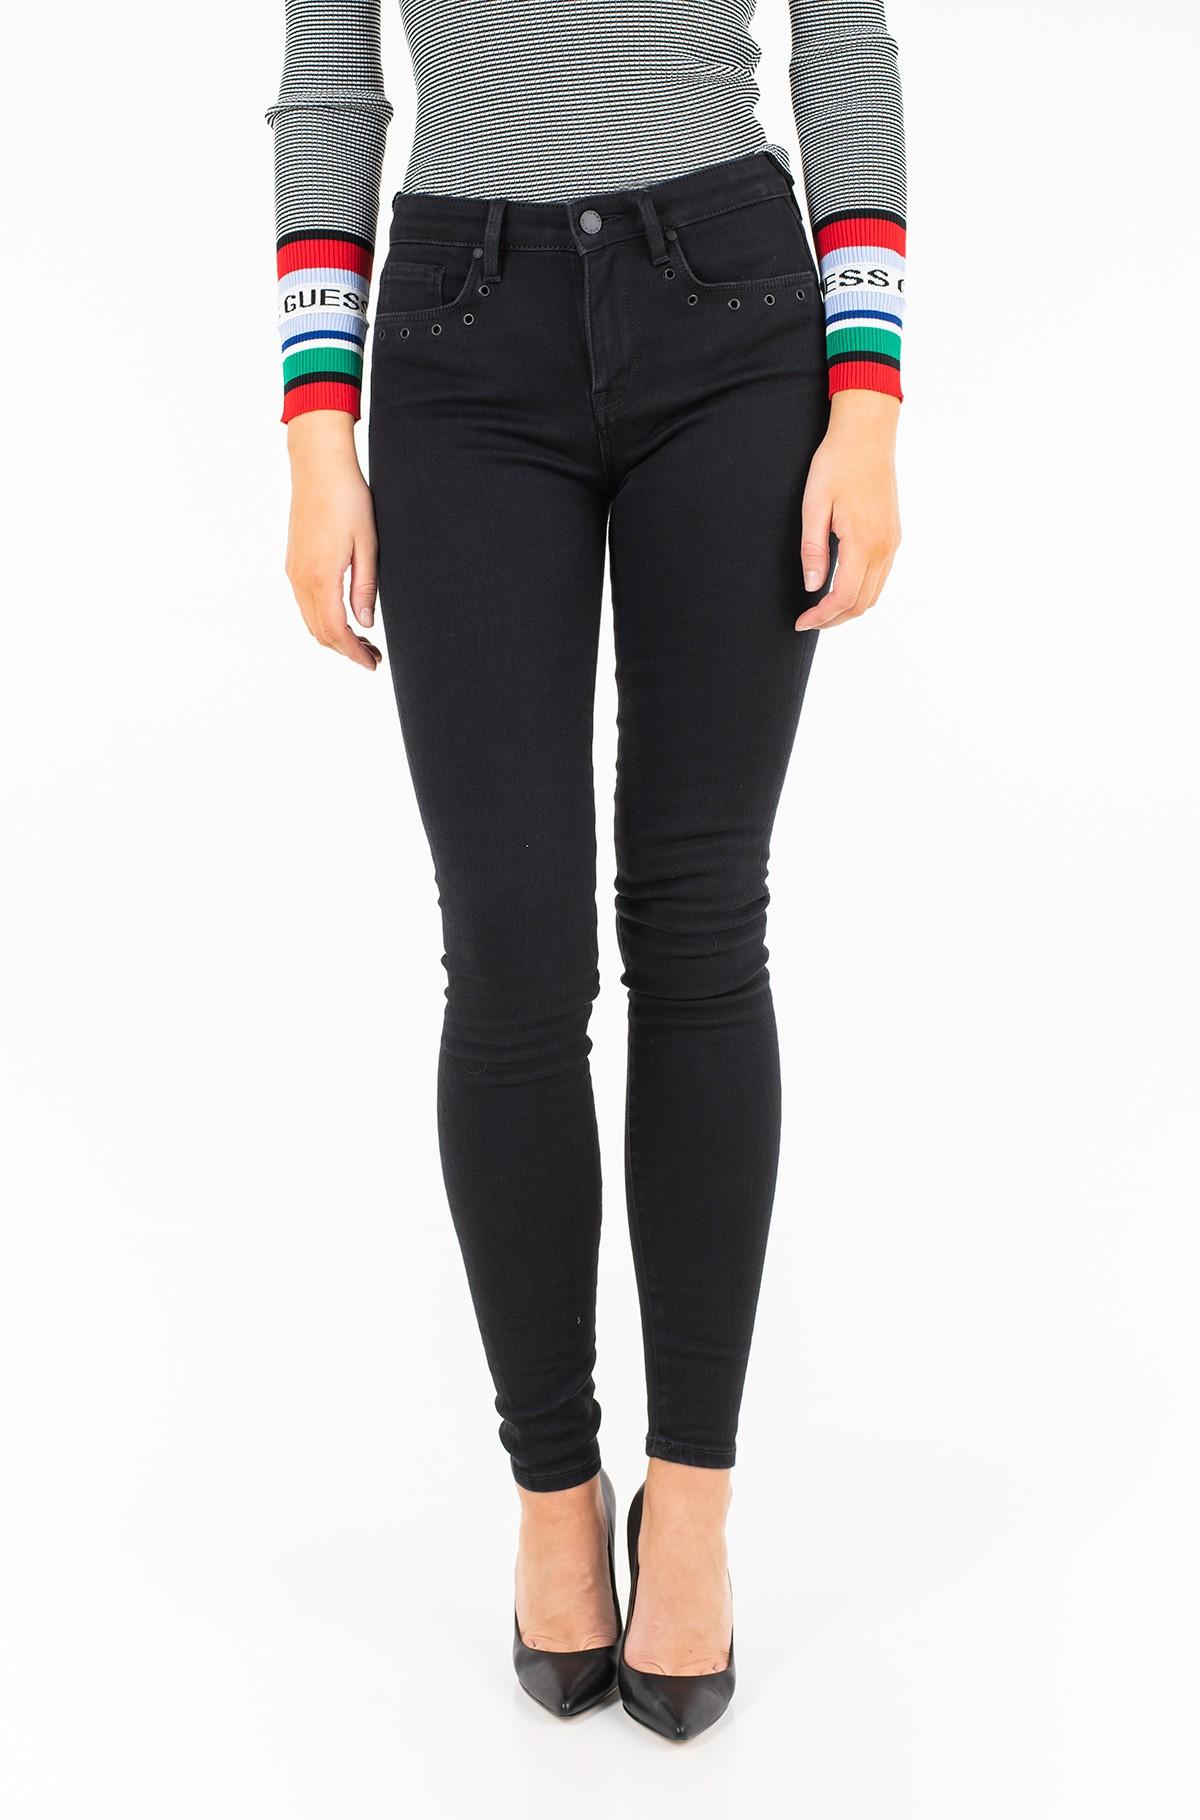 Jeans COMO RW PEGASUS-full-1